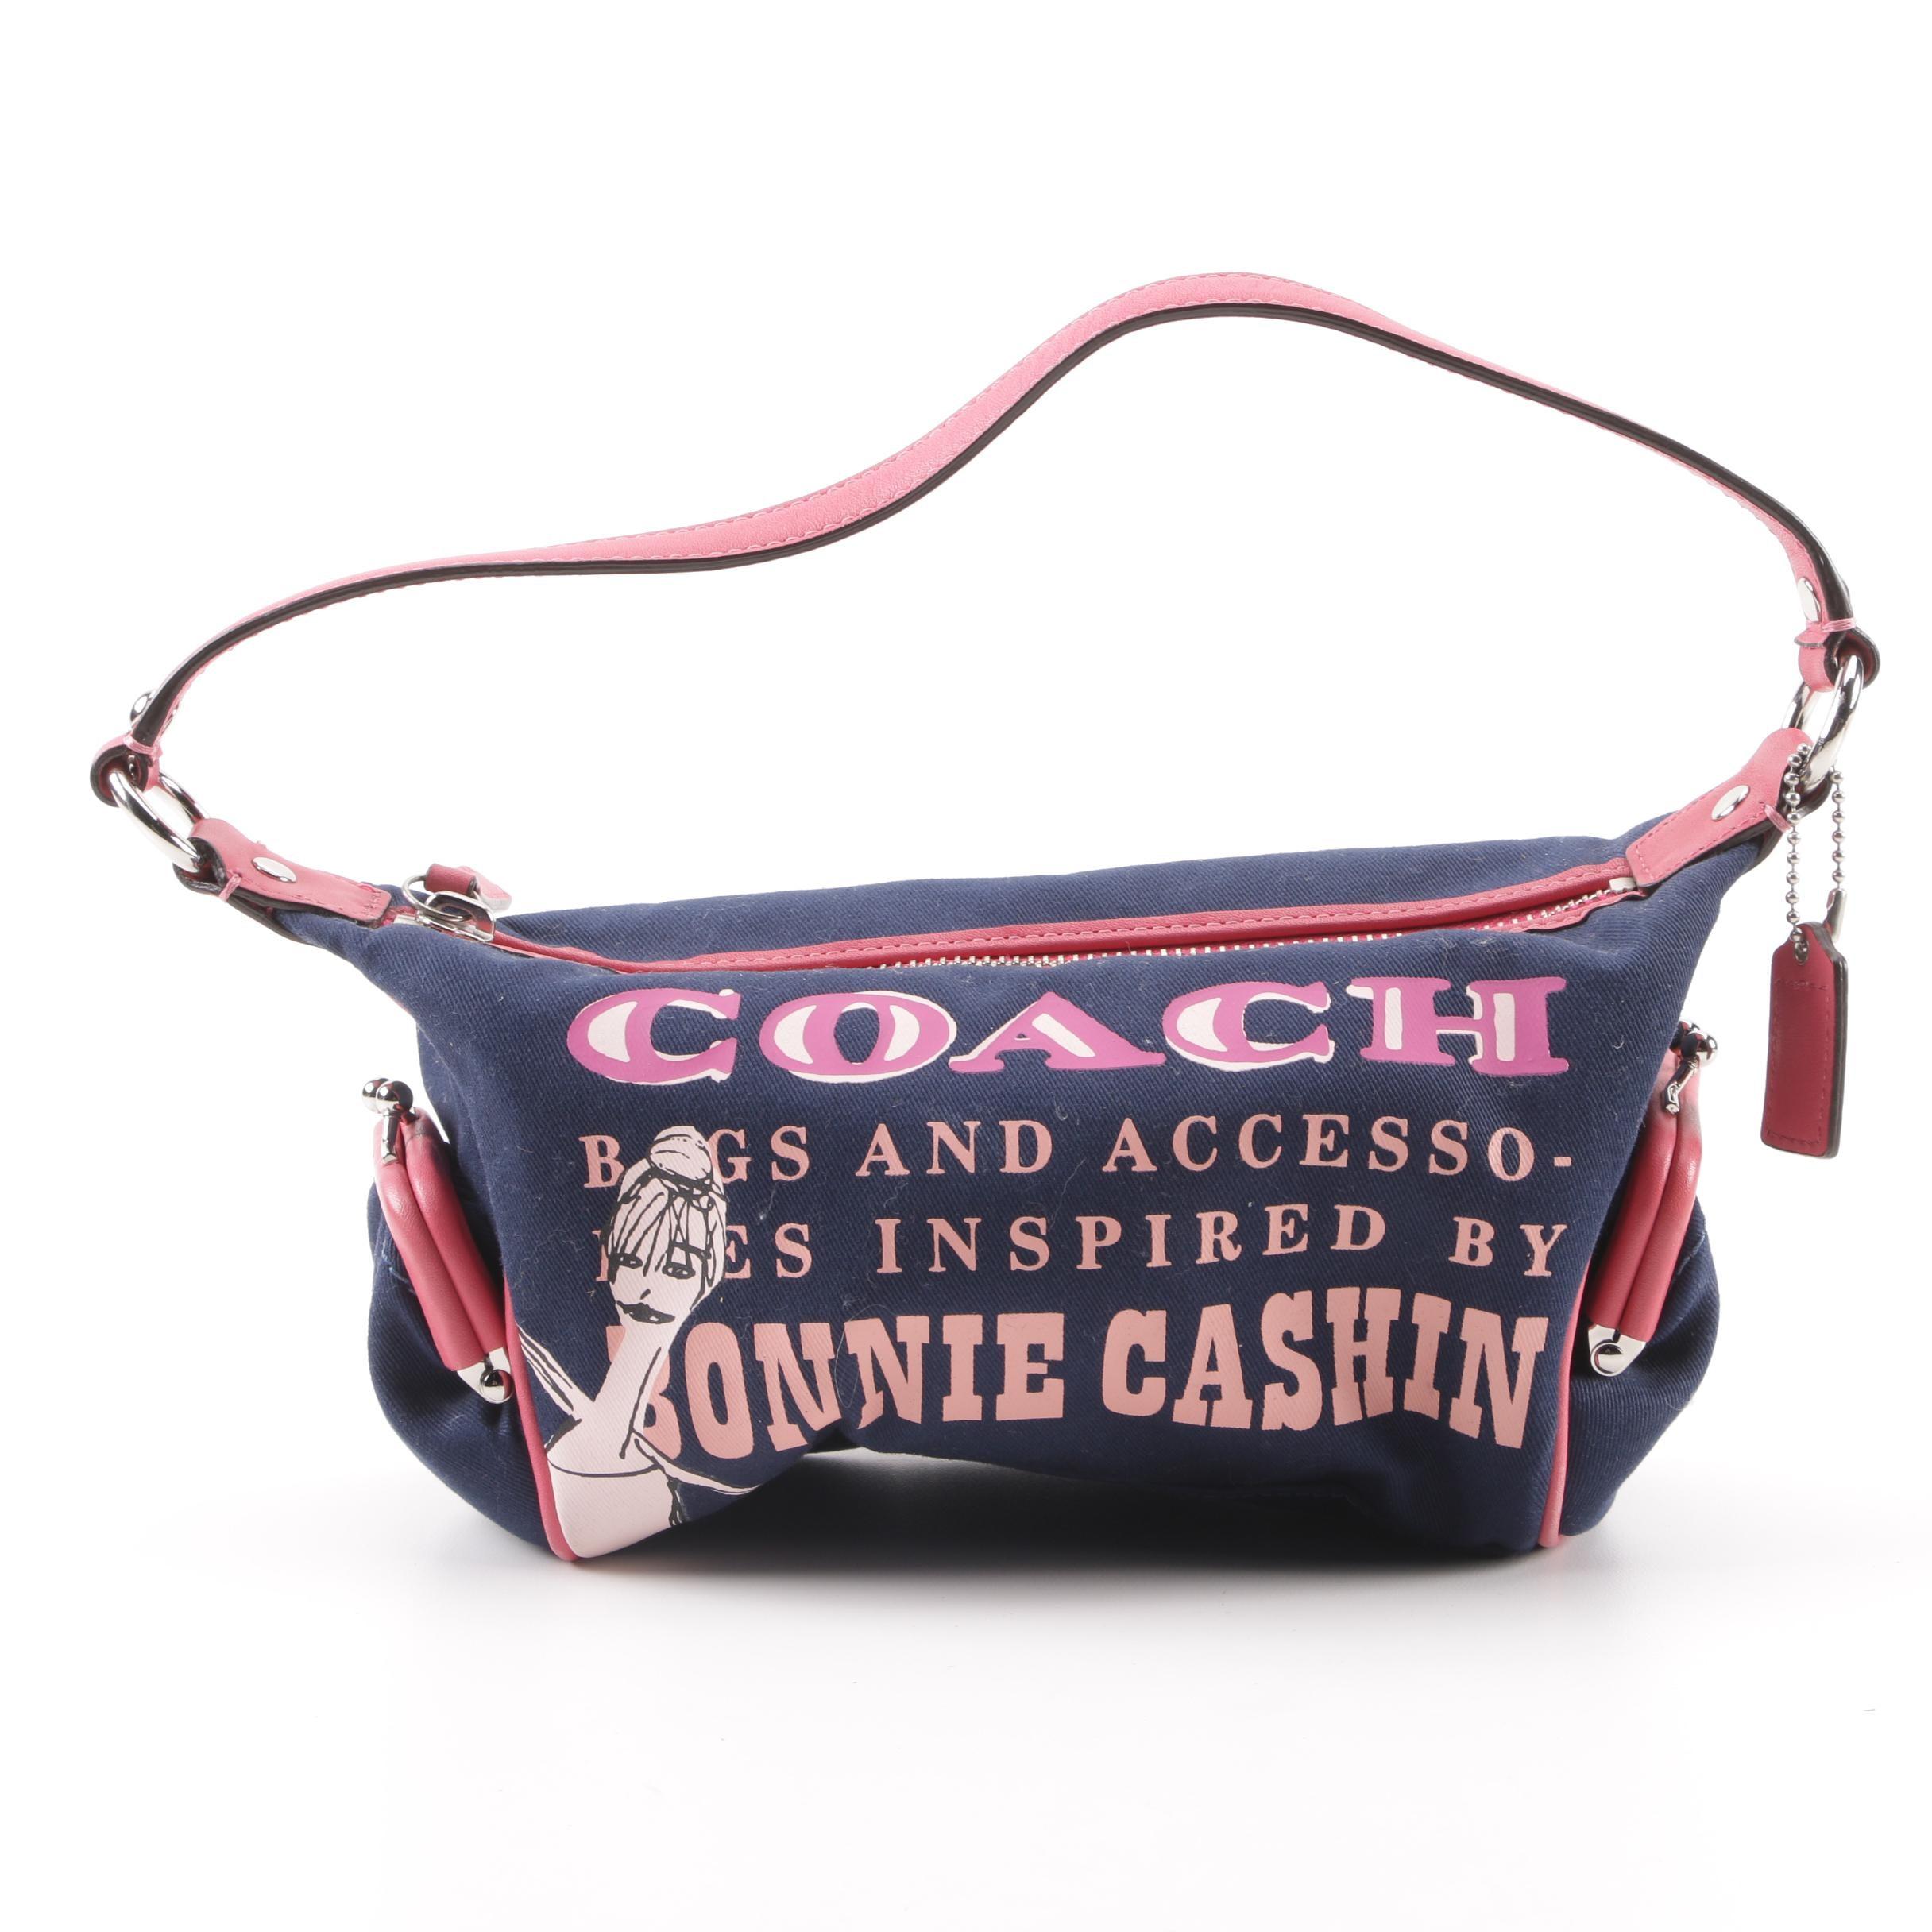 Coach Bonnie Cashin Print Canvas and Leather Baguette Handbag